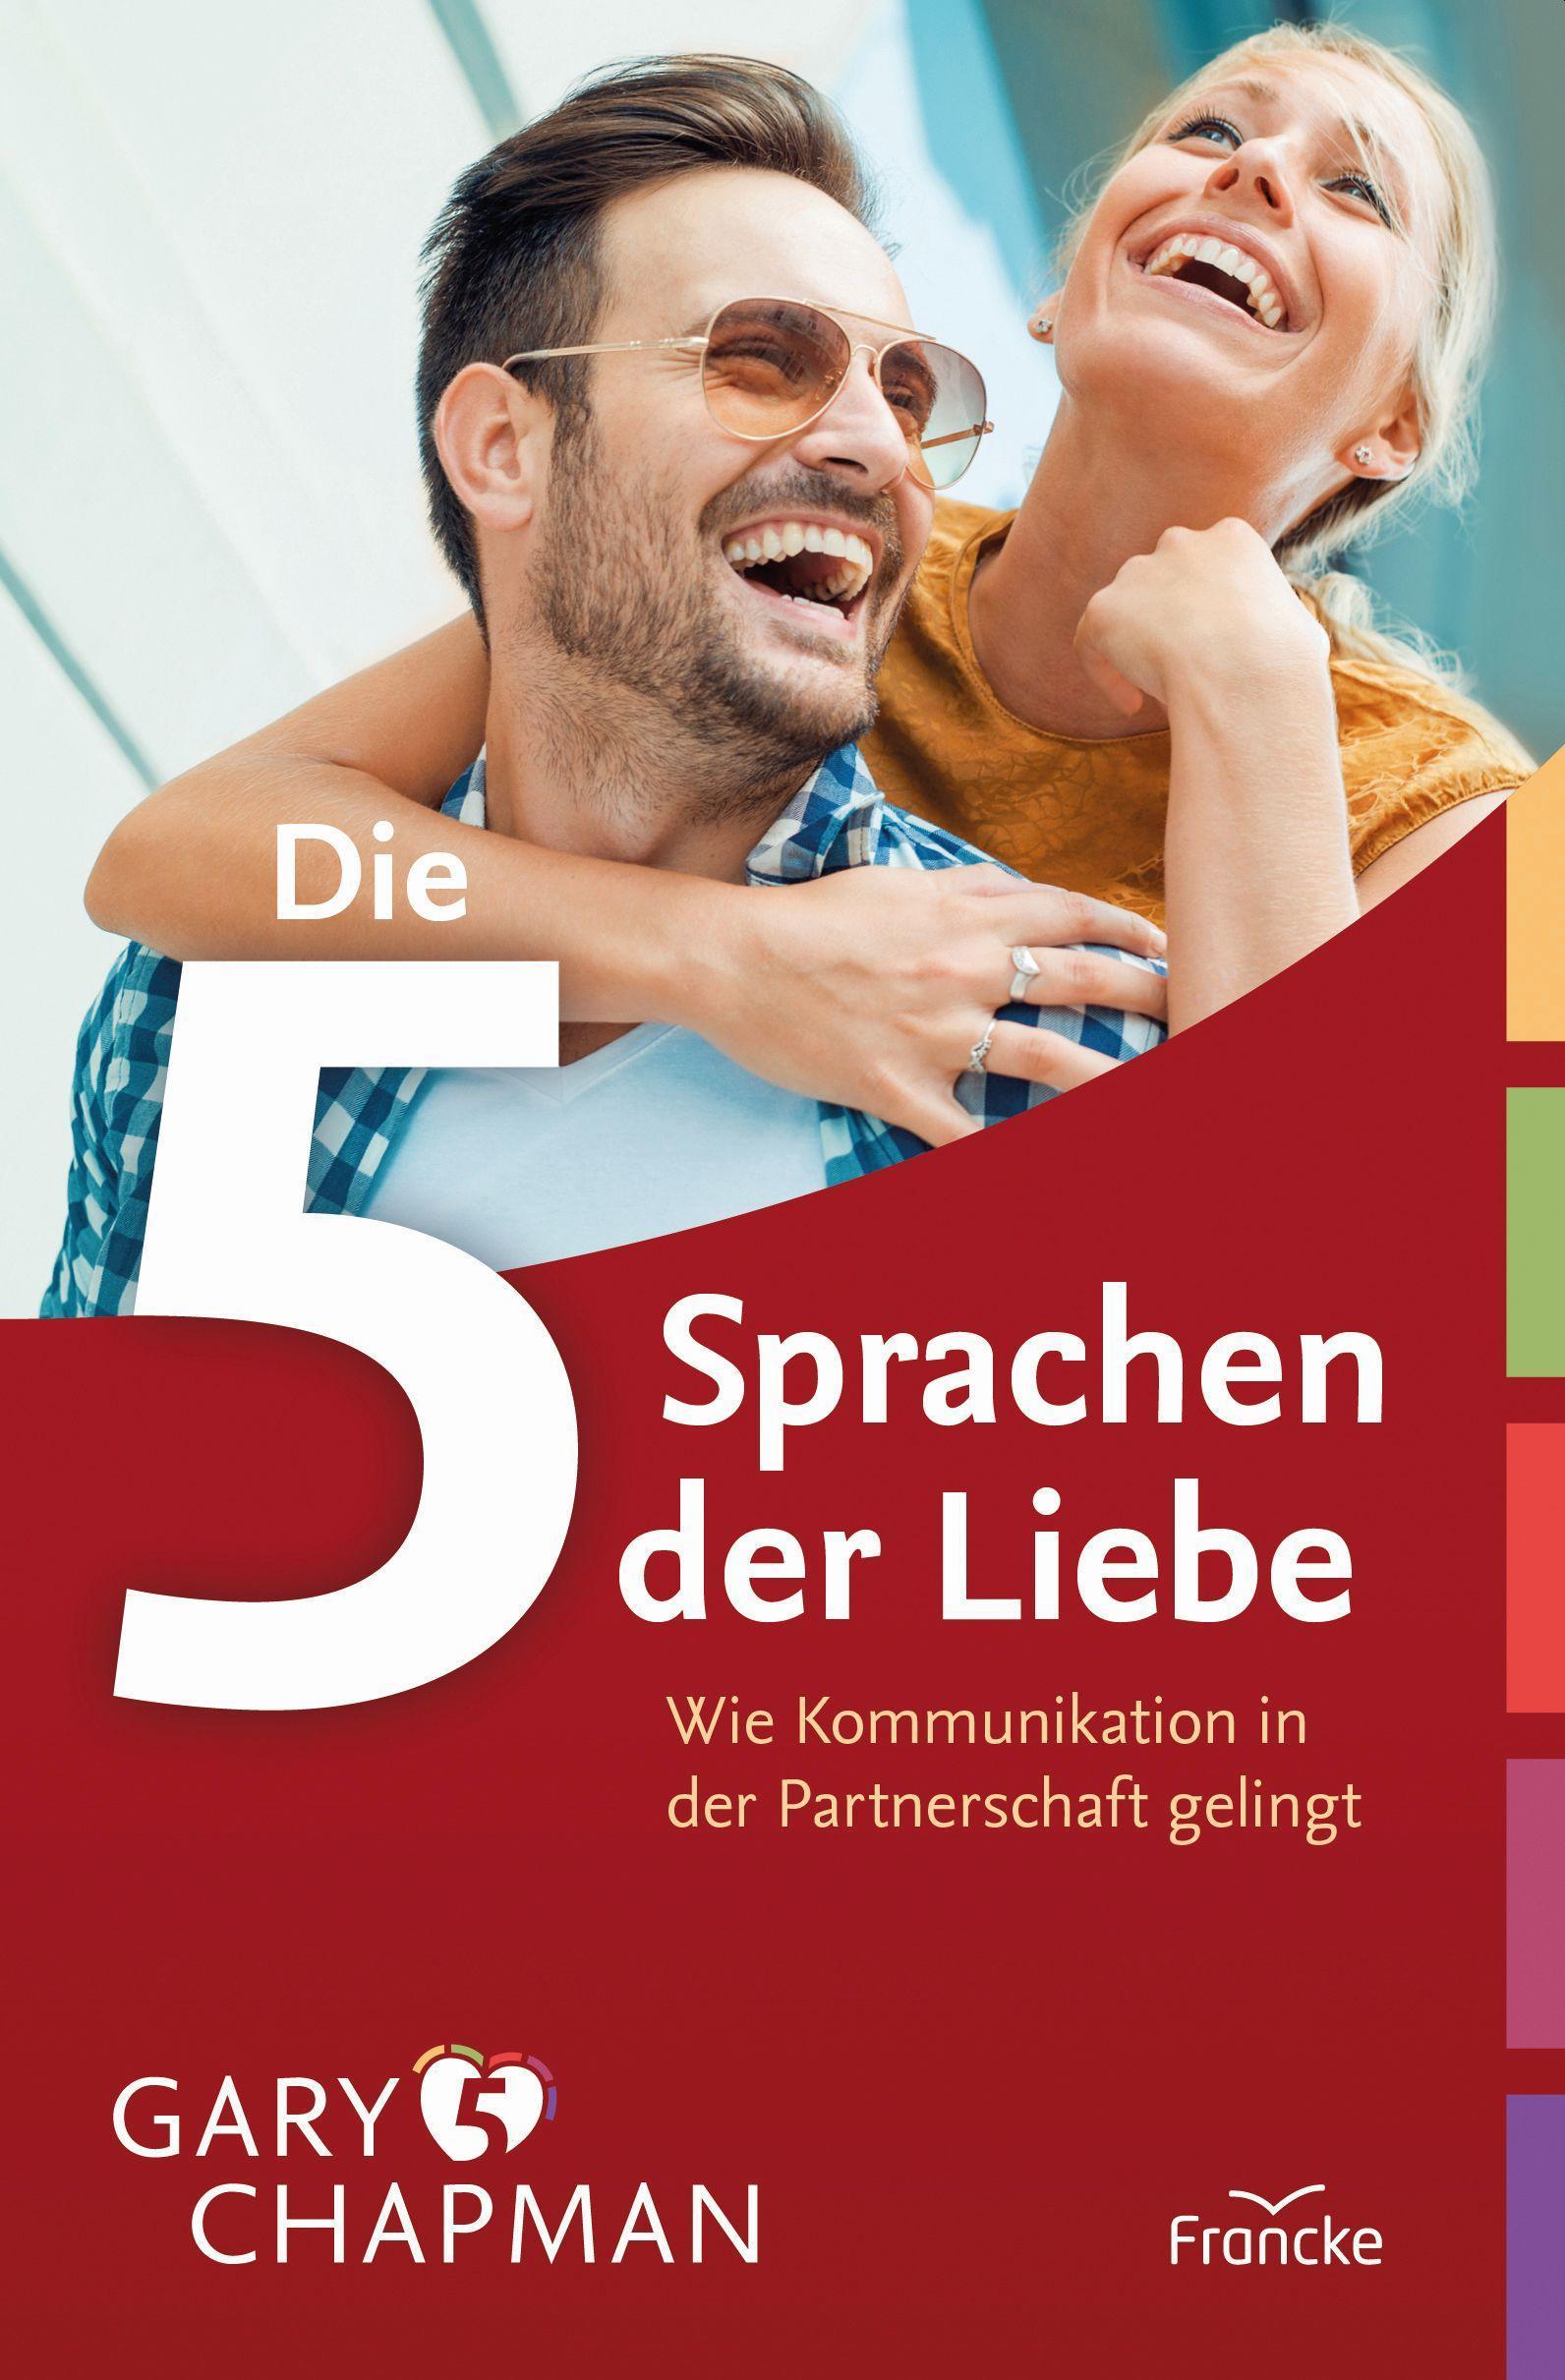 Cover: 9783861221265 | Die fünf Sprachen der Liebe | Gary Chapman | Taschenbuch | Deutsch